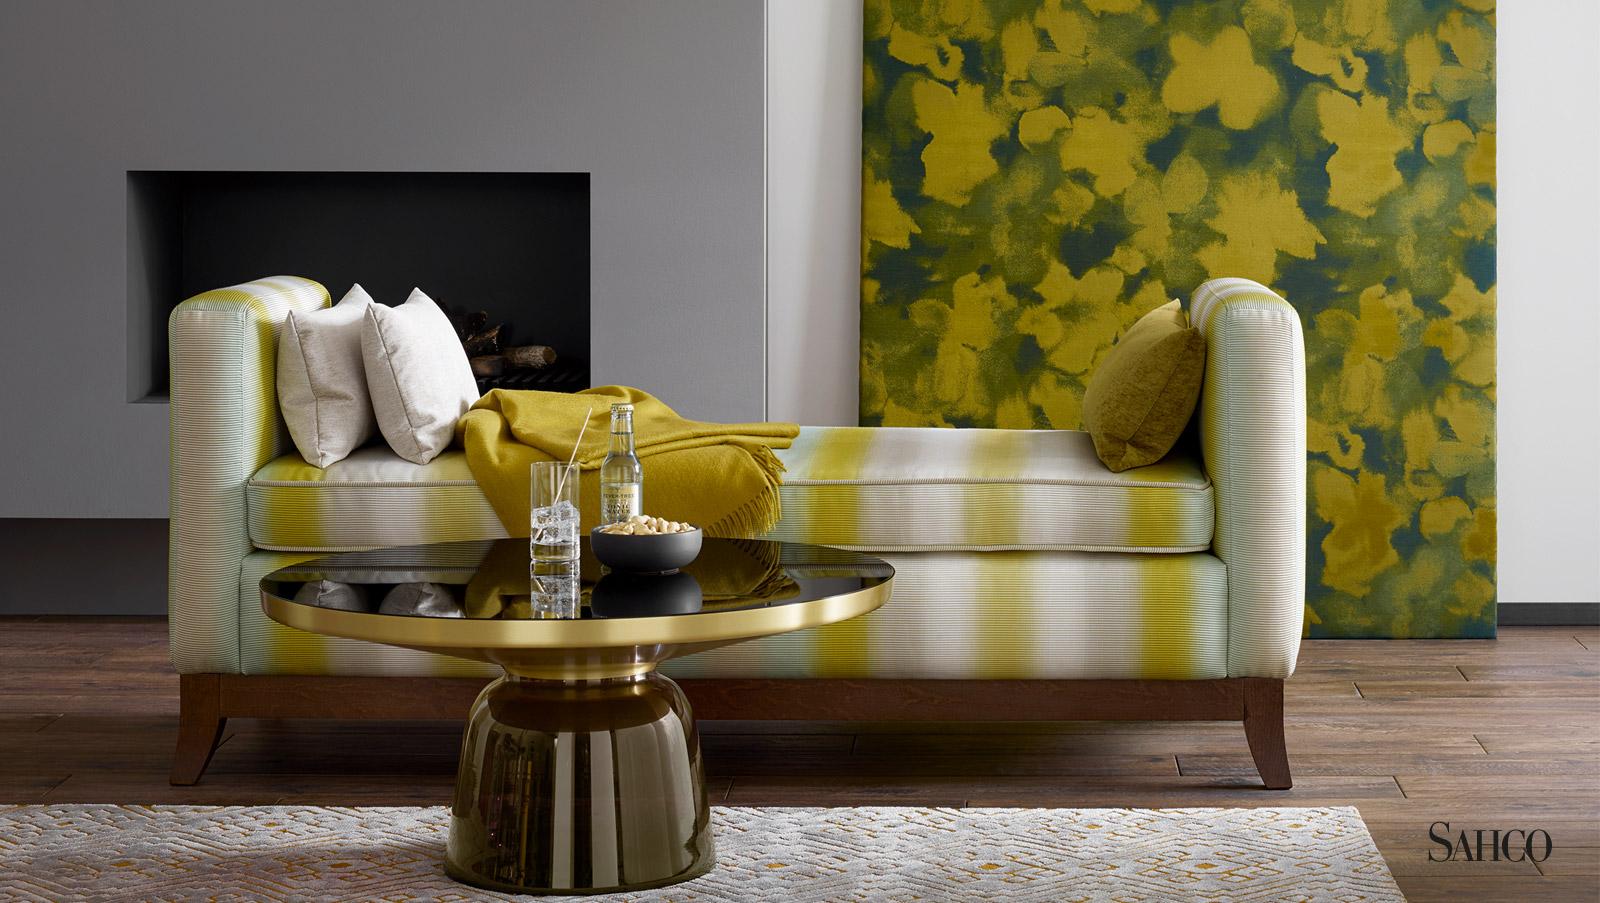 decke bespannen stoff excellent a with decke bespannen stoff cool latest druck uv gedruckt. Black Bedroom Furniture Sets. Home Design Ideas